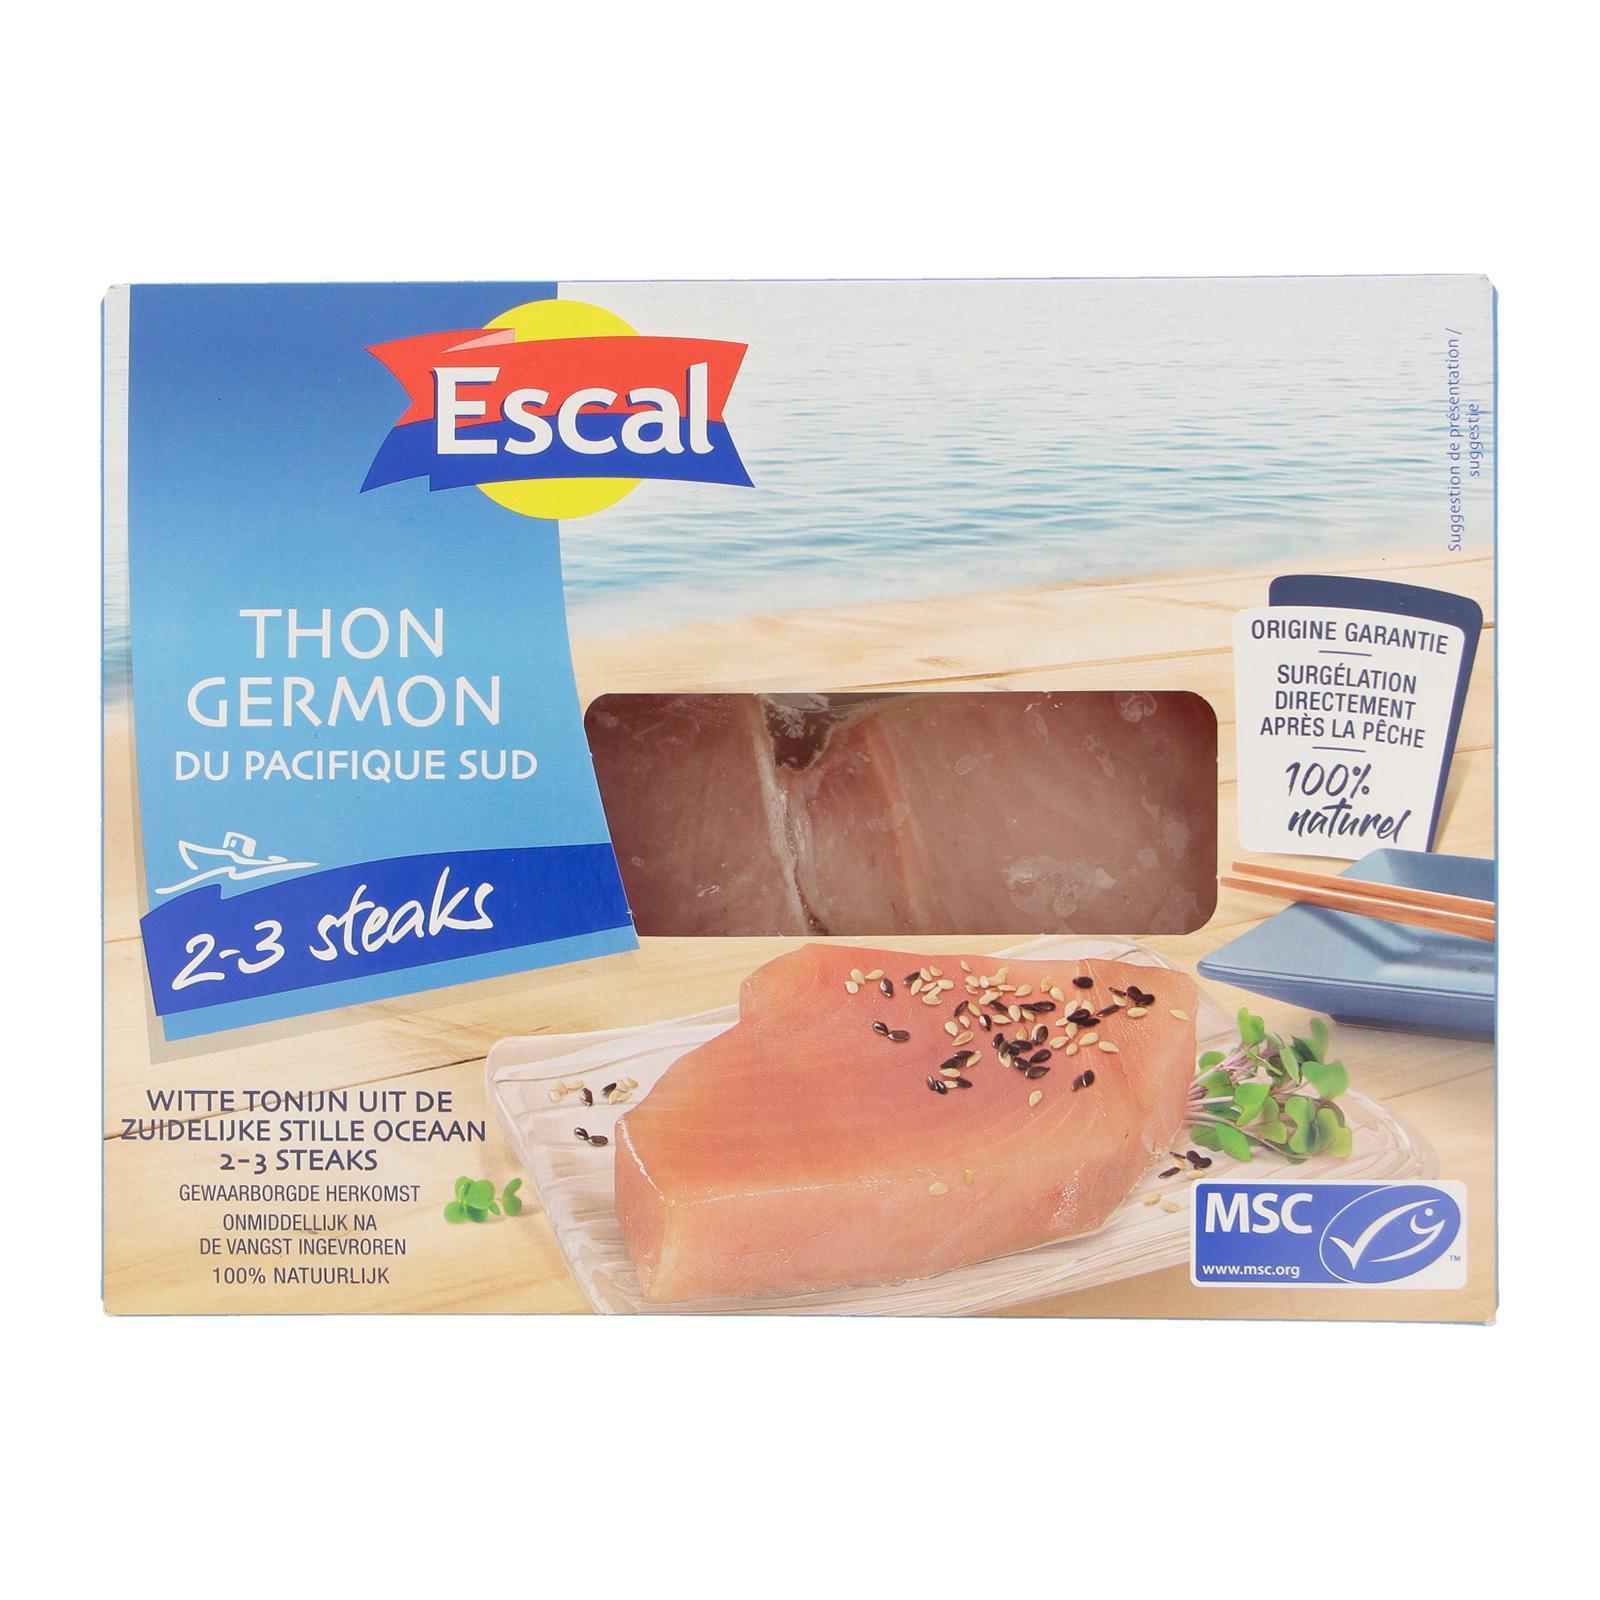 Escal Fidji/Cook Islands Tuna Steak Skinless (Msc) 2-3'S x Appx 83-125G - By Culina - Frozen